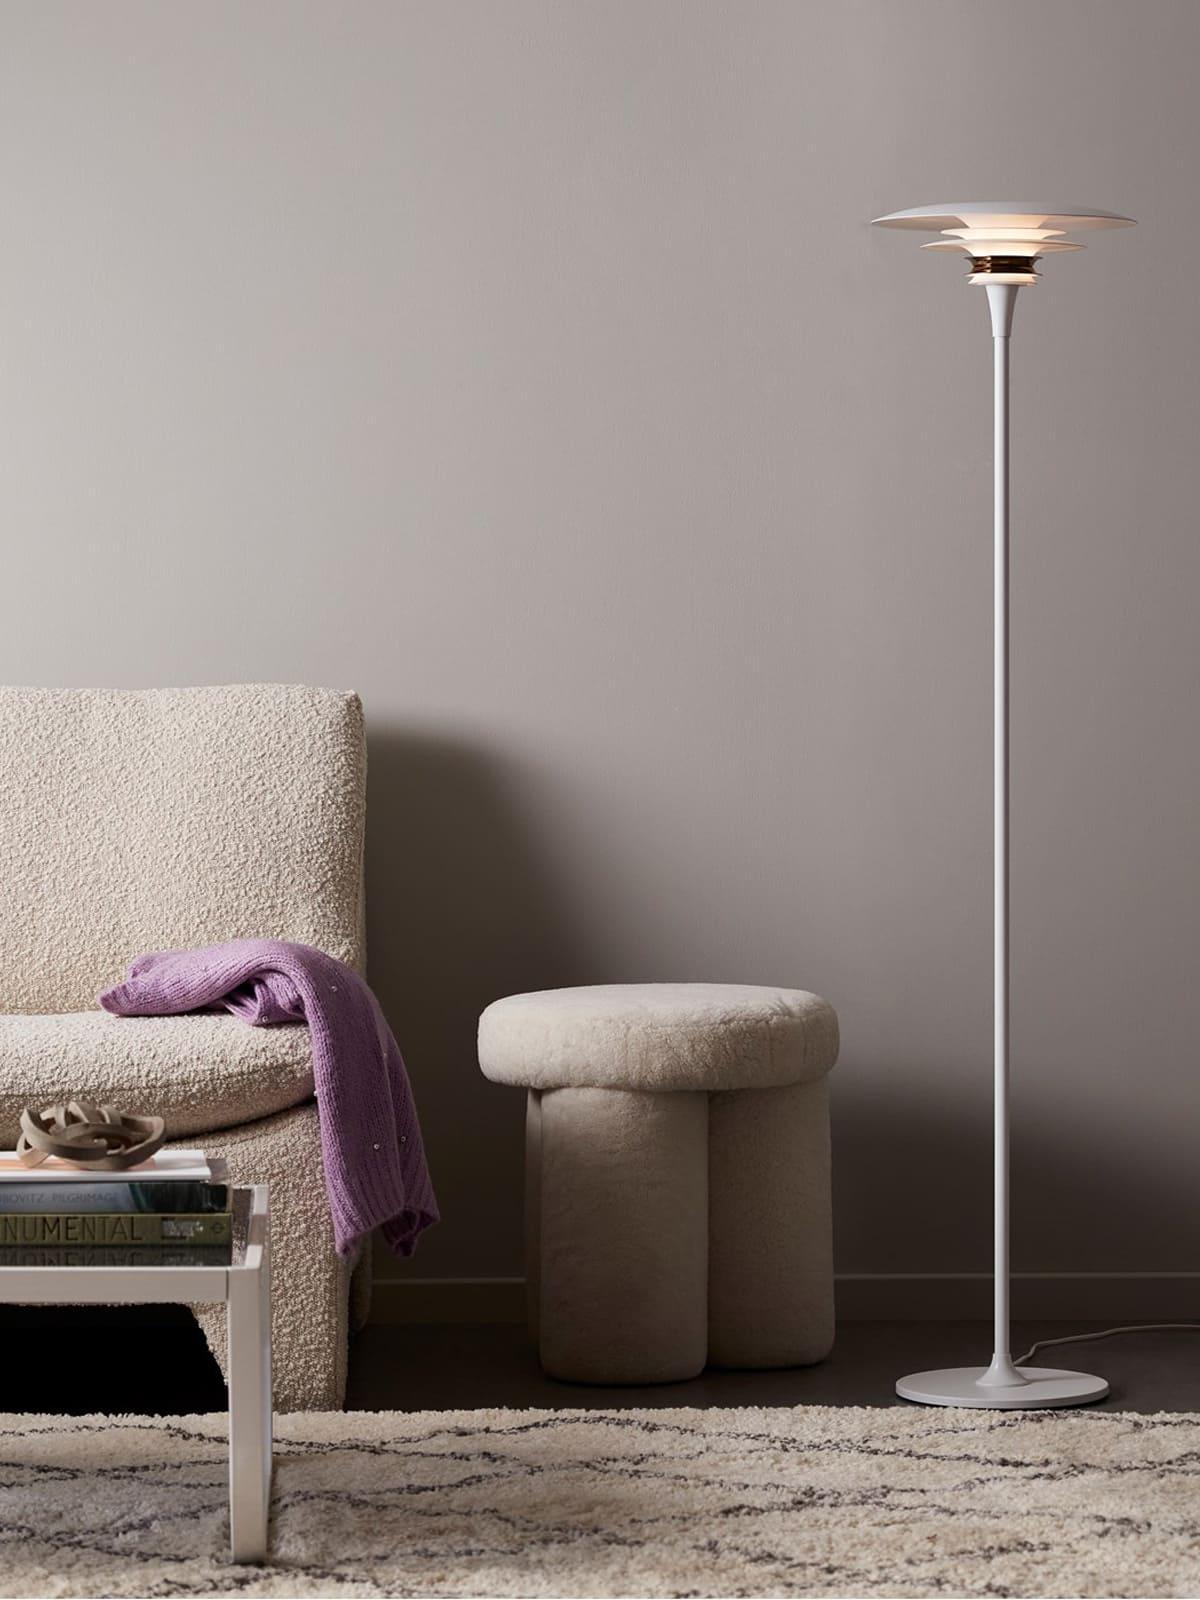 Designerleuchte Slim Stehlampe Belid DesignOrt Lampen Berlin